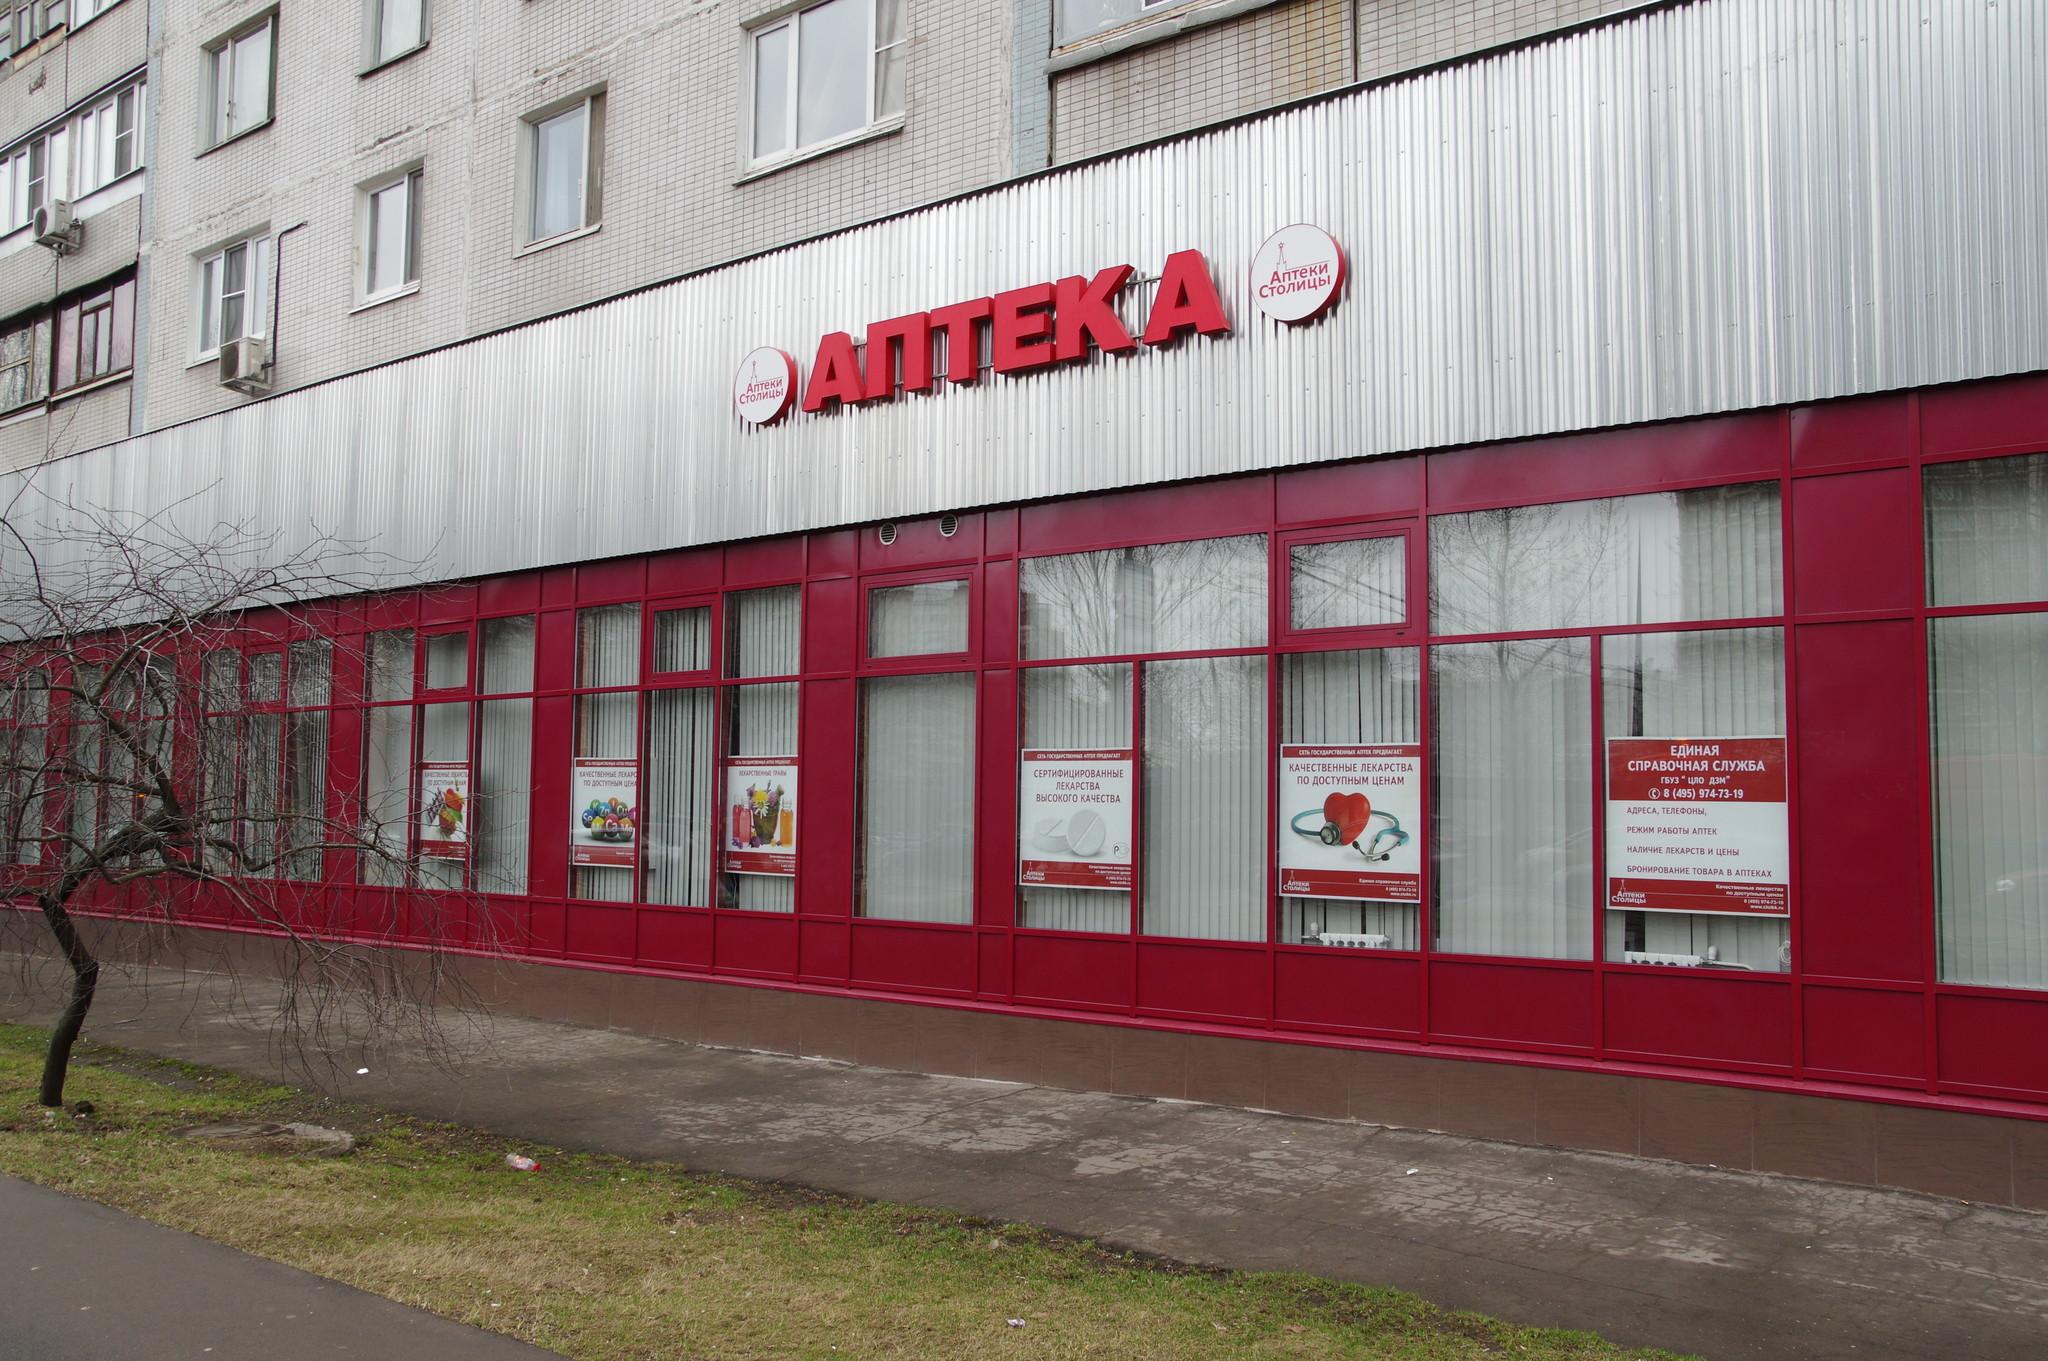 Аптека столицы (Алтуфьевское шоссе, дом 91)